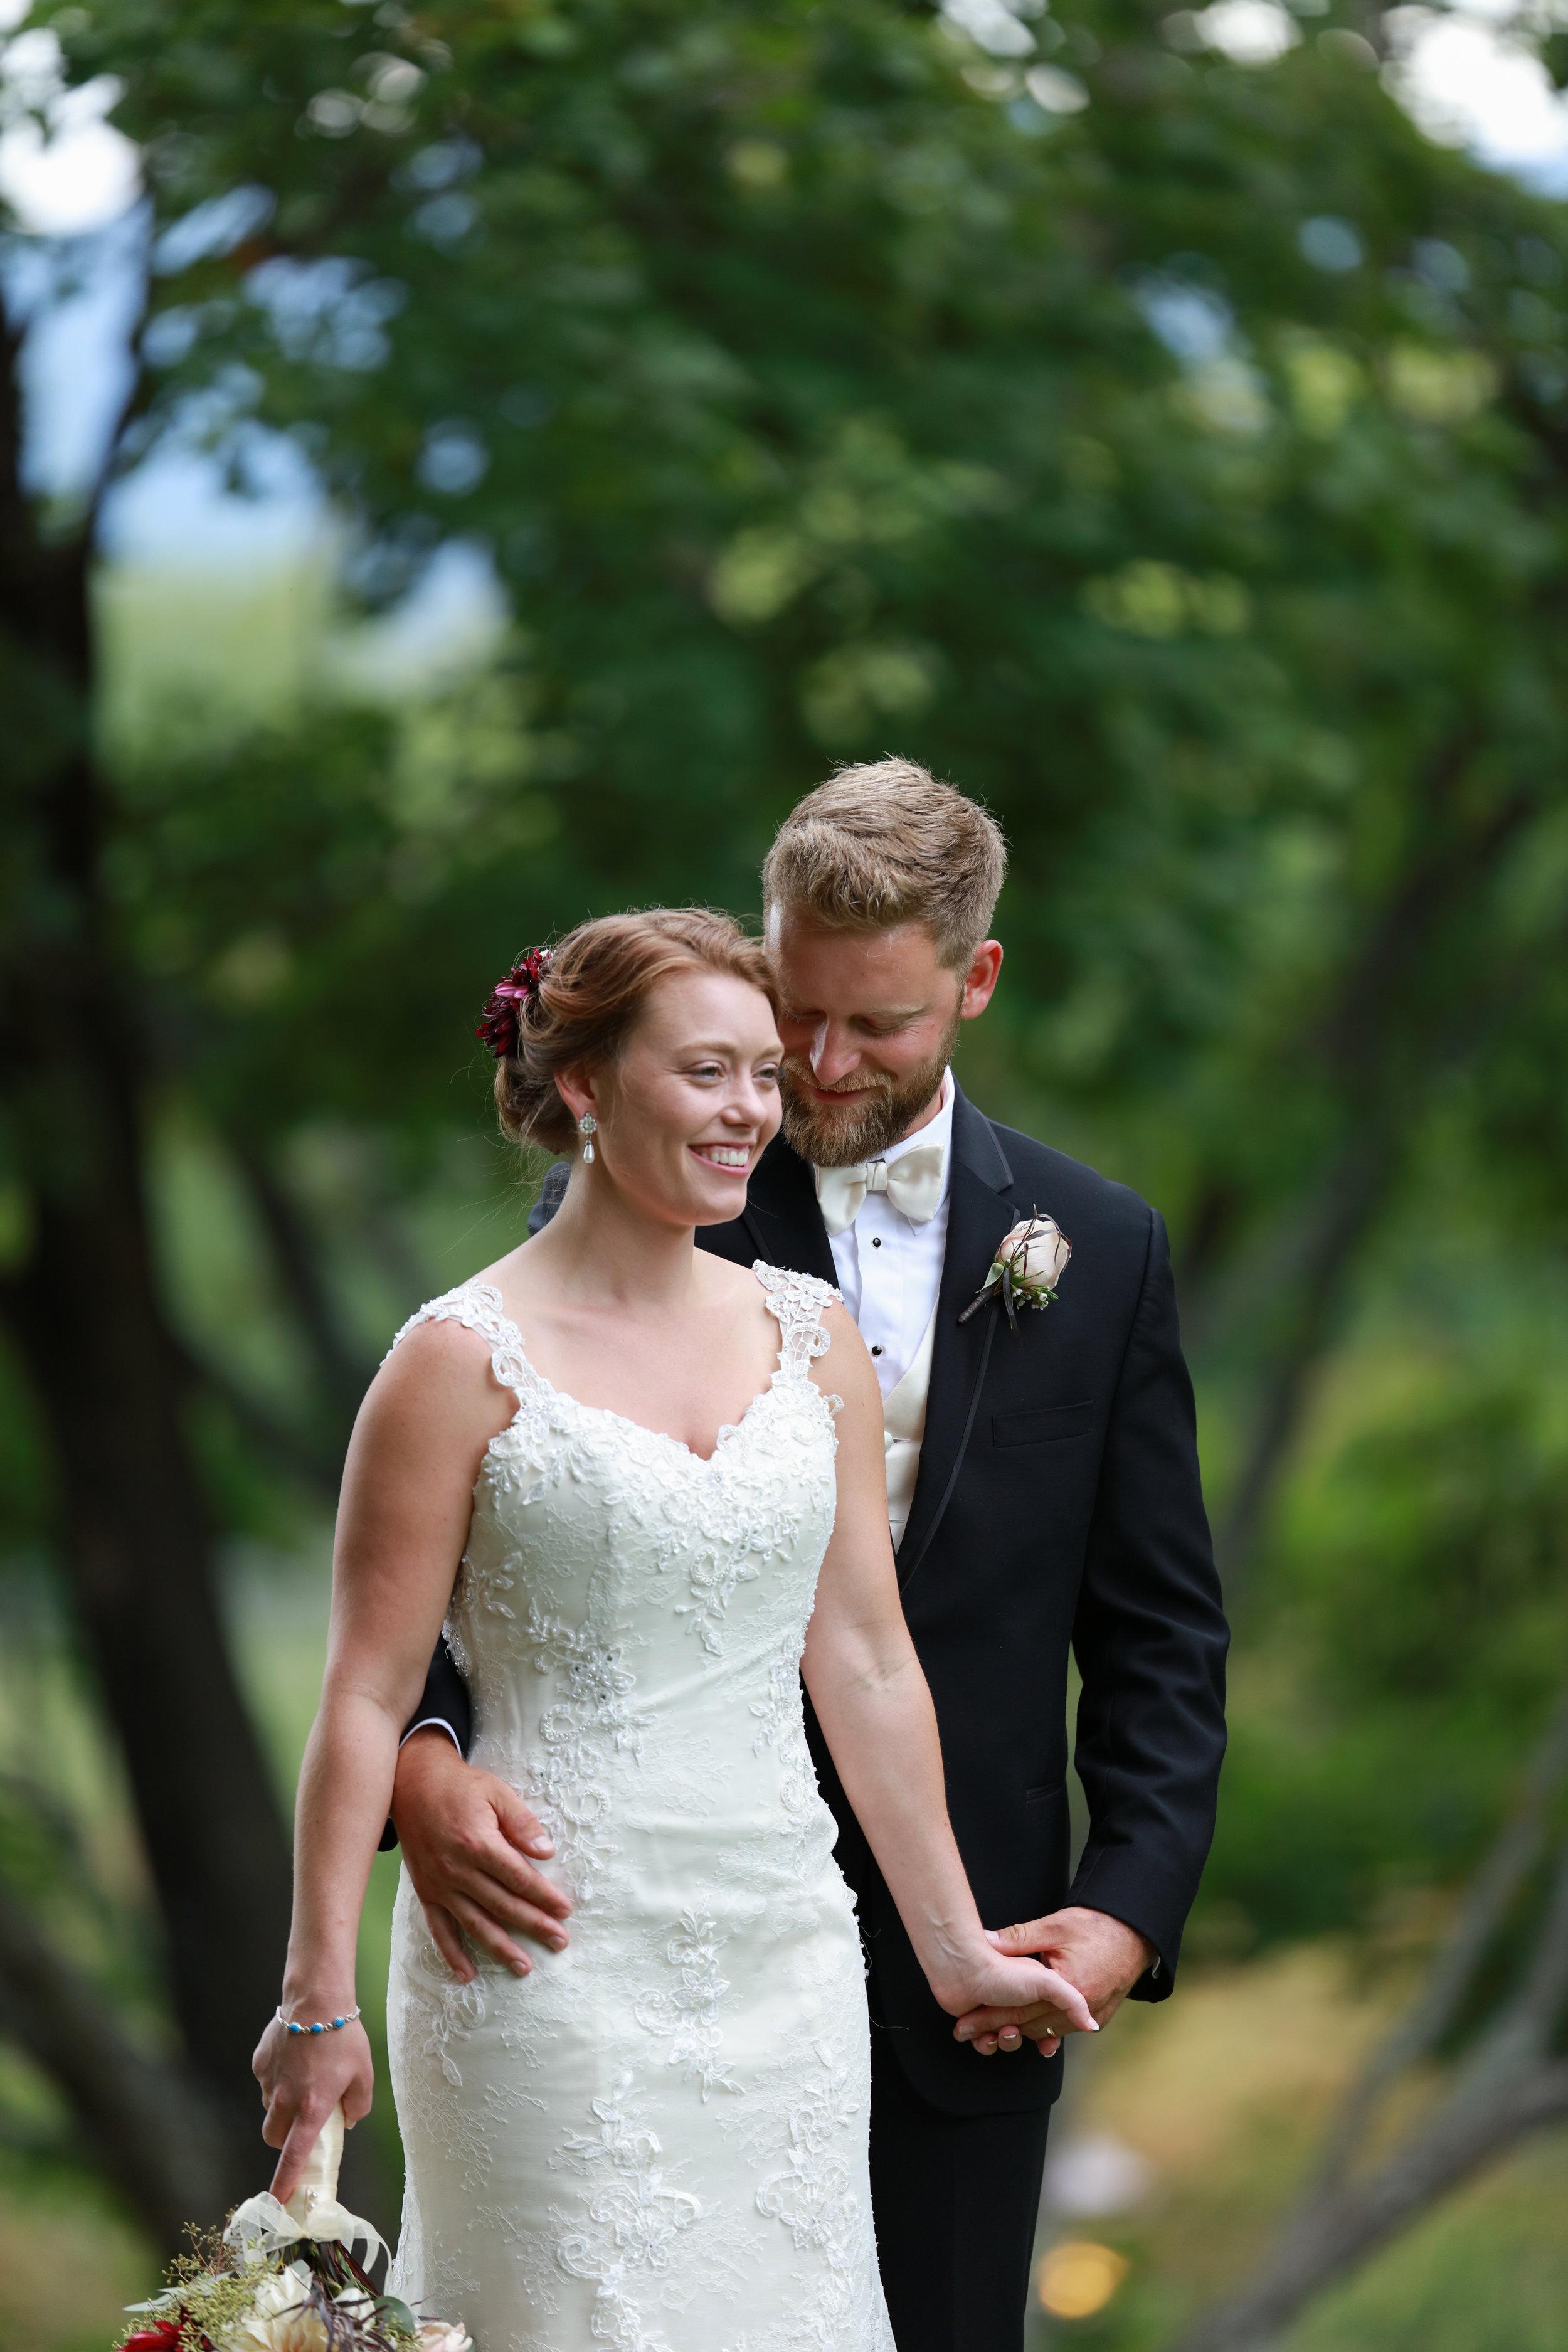 Upstate NY Barn Weddings